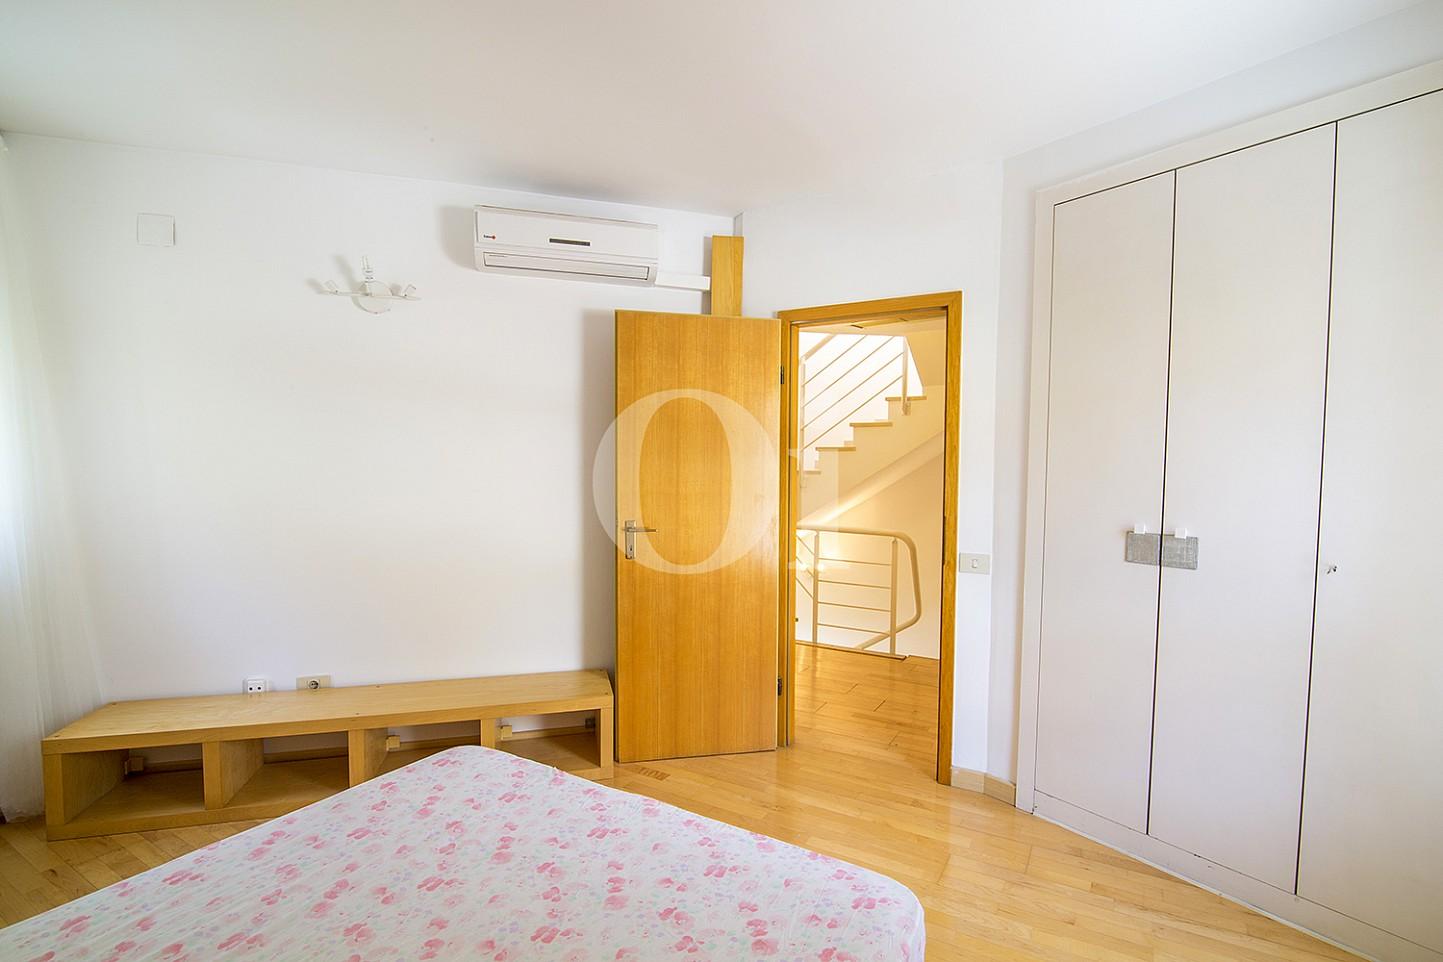 Luminosa habitación doble con cama matrimonial y vistas exteriores, además de armarios empotrados en sensacional casa en venta situada en Vila Olimpica, Barcelona